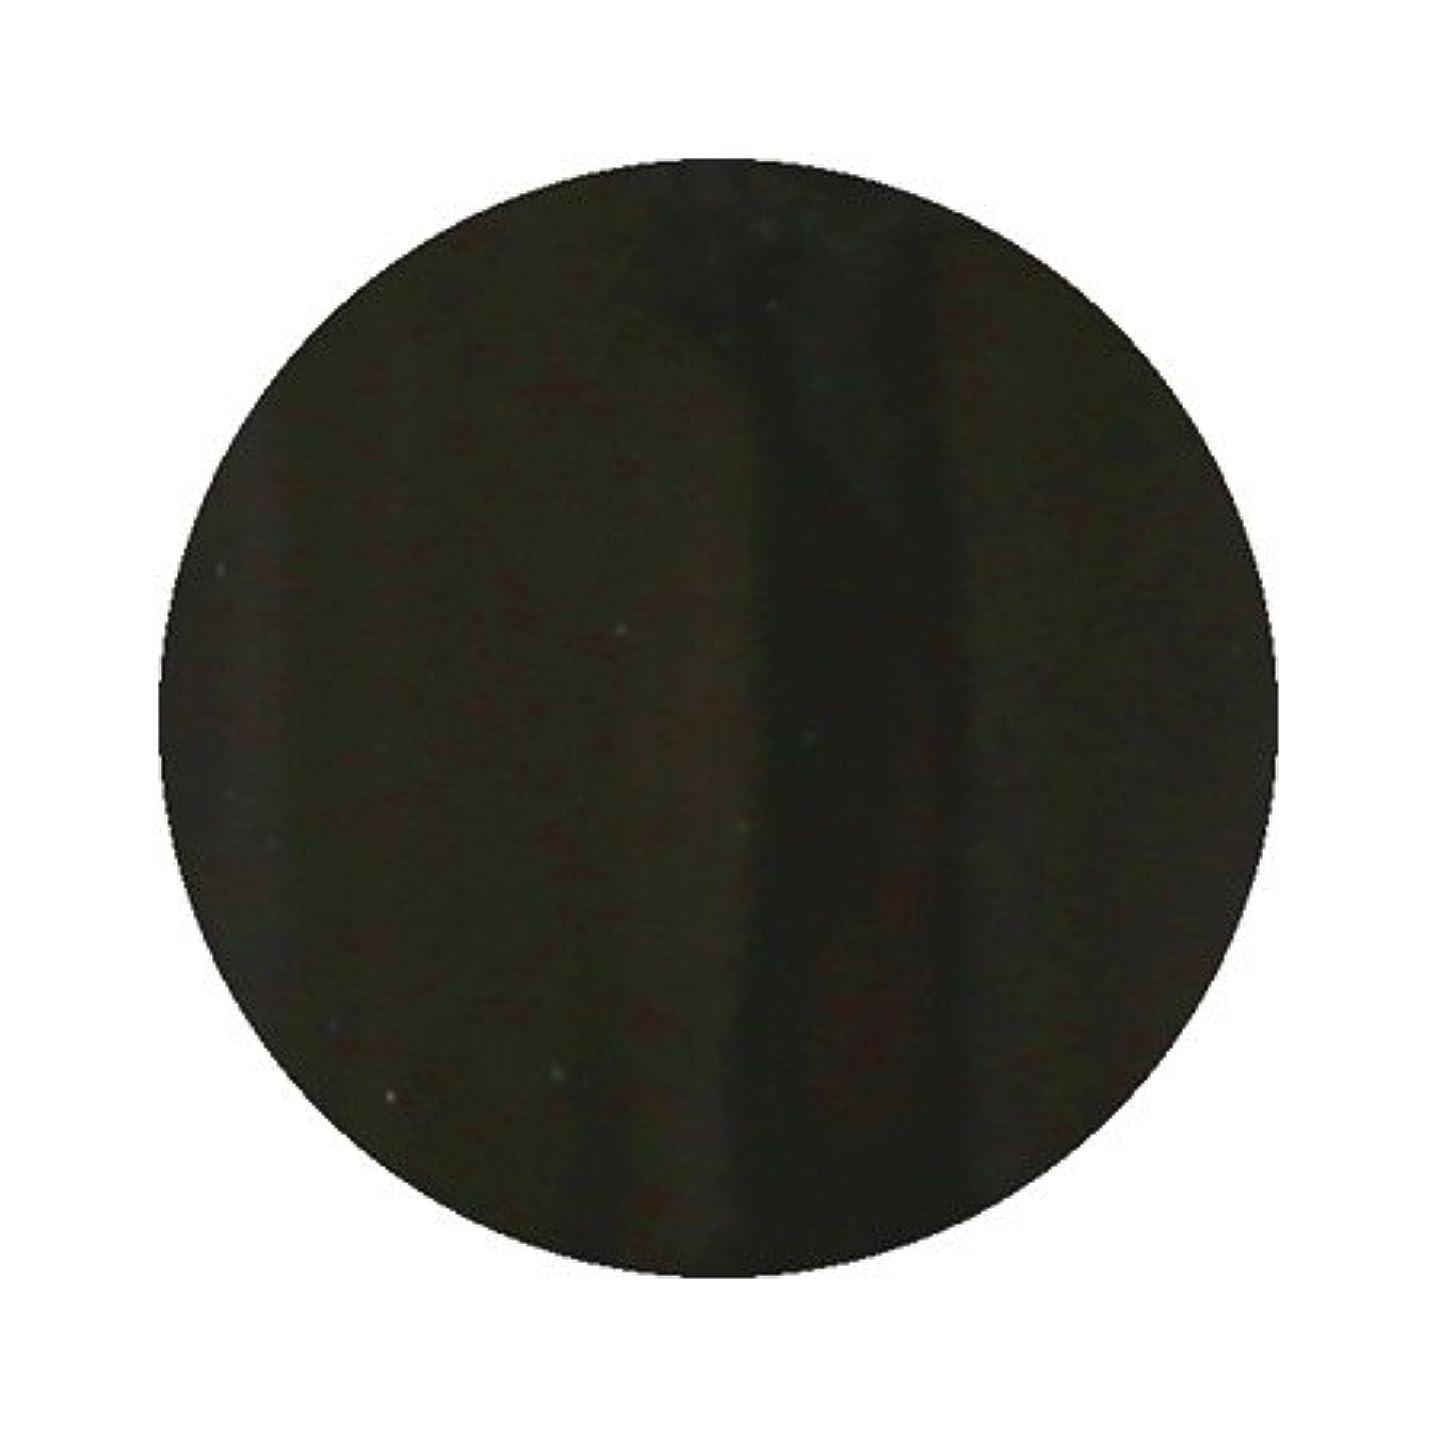 パラポリッシュ ハイブリッドカラージェル MD14 ディープグリーン 7g